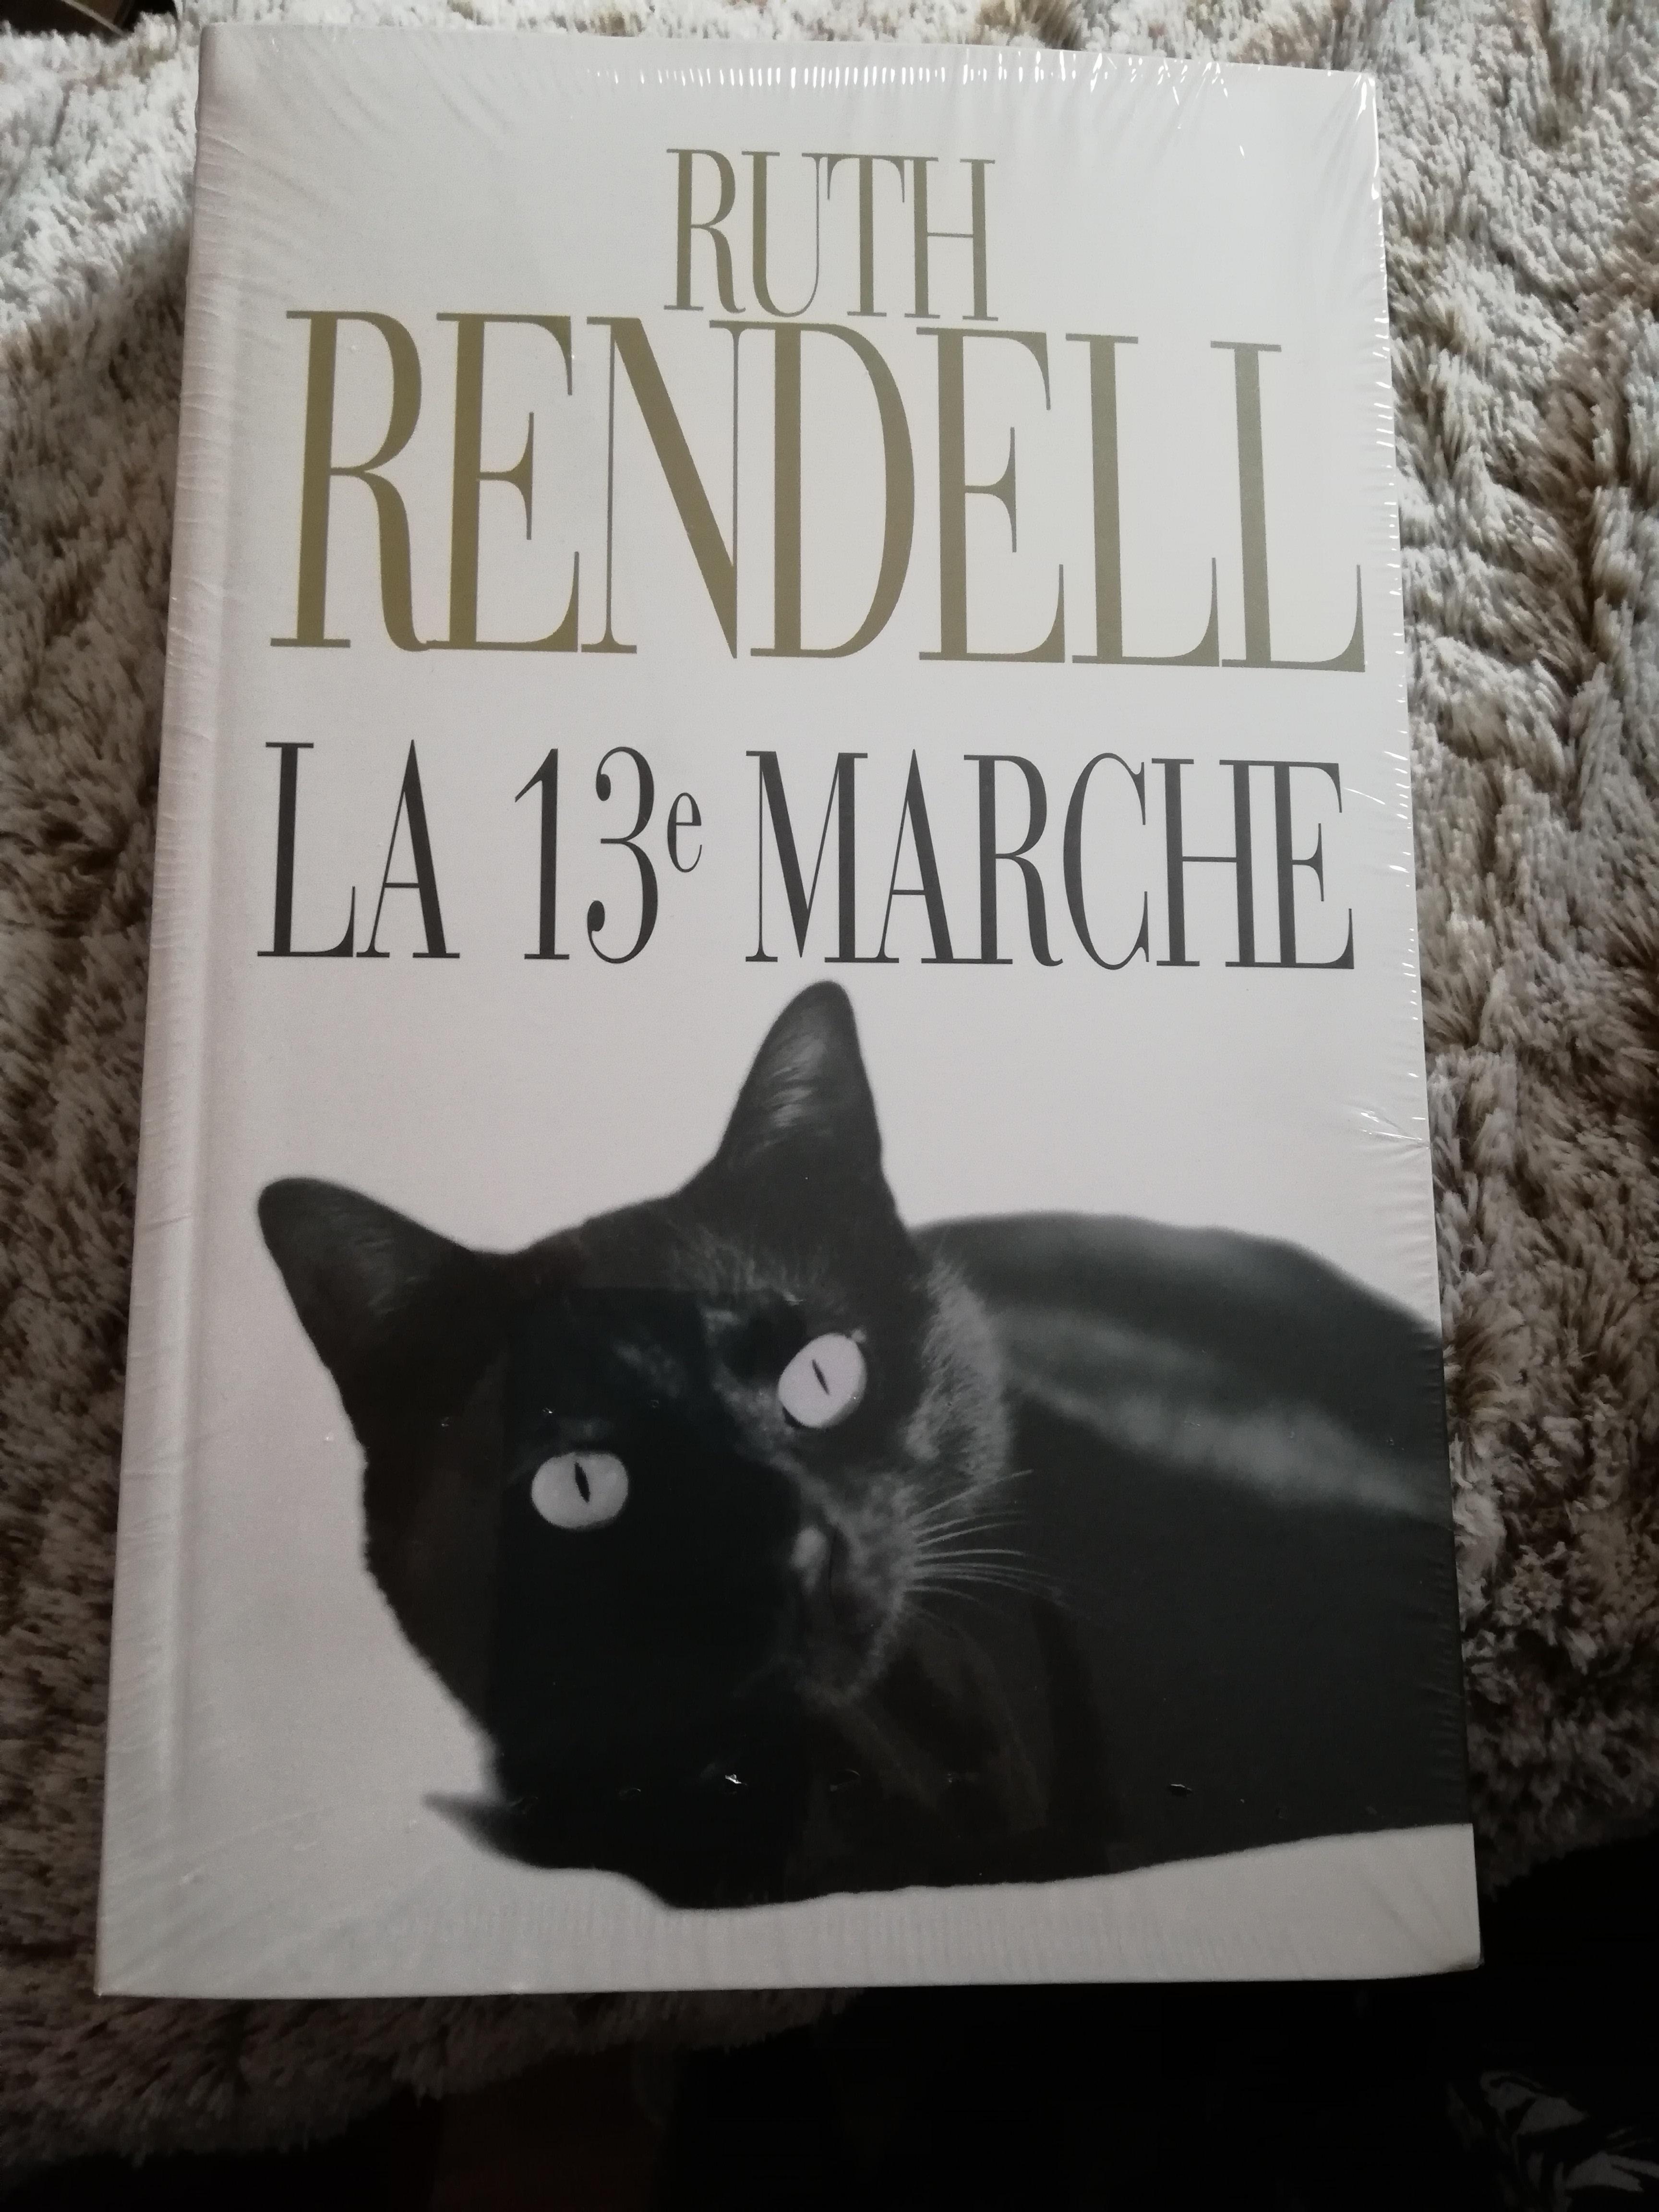 La 13ème marche . 20 Asnières-sur-Seine (92)